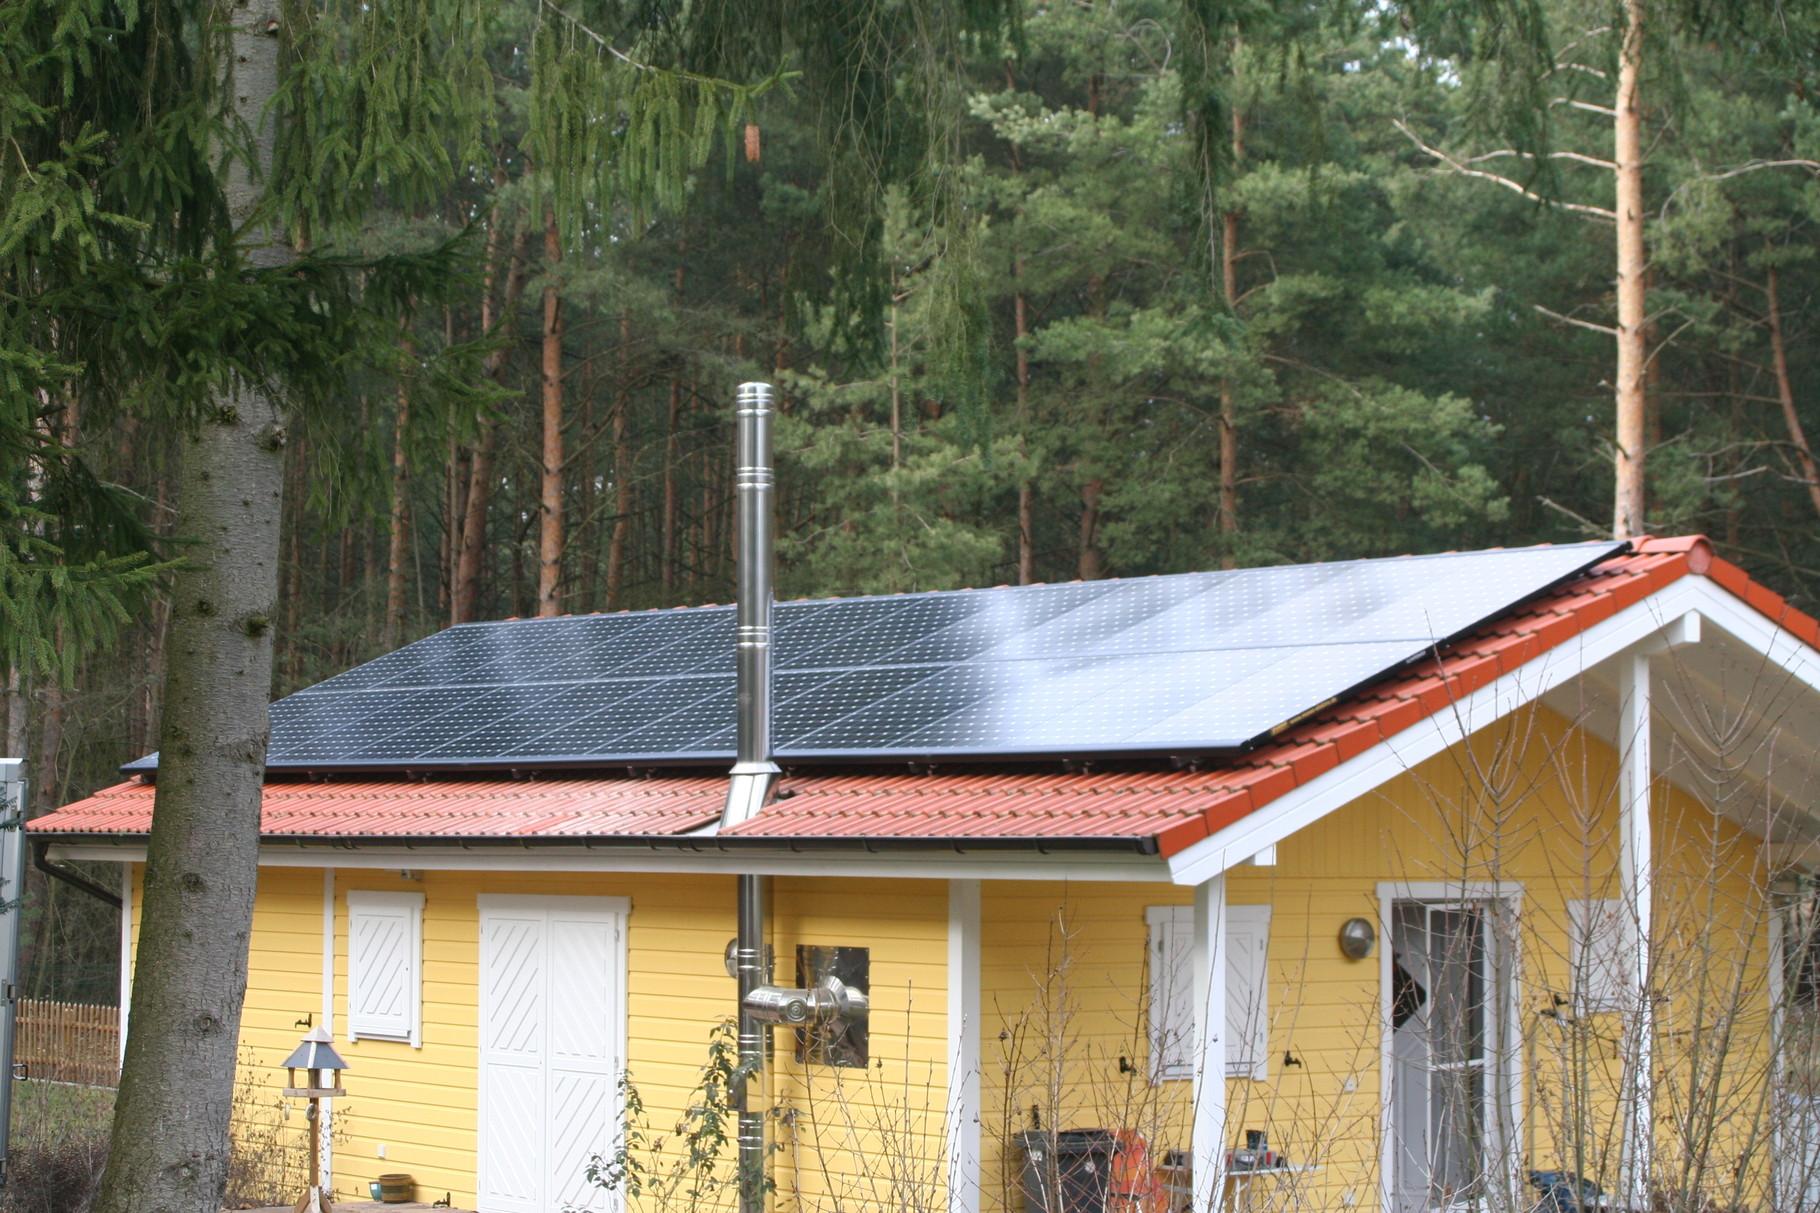 7,848 kWp Sunpower Süd/West mit Solaredge Wechselrichter inkl. 8 kWh Pb Speicher SENEC.IES, Wärmepumpe in Wendisch Rietz